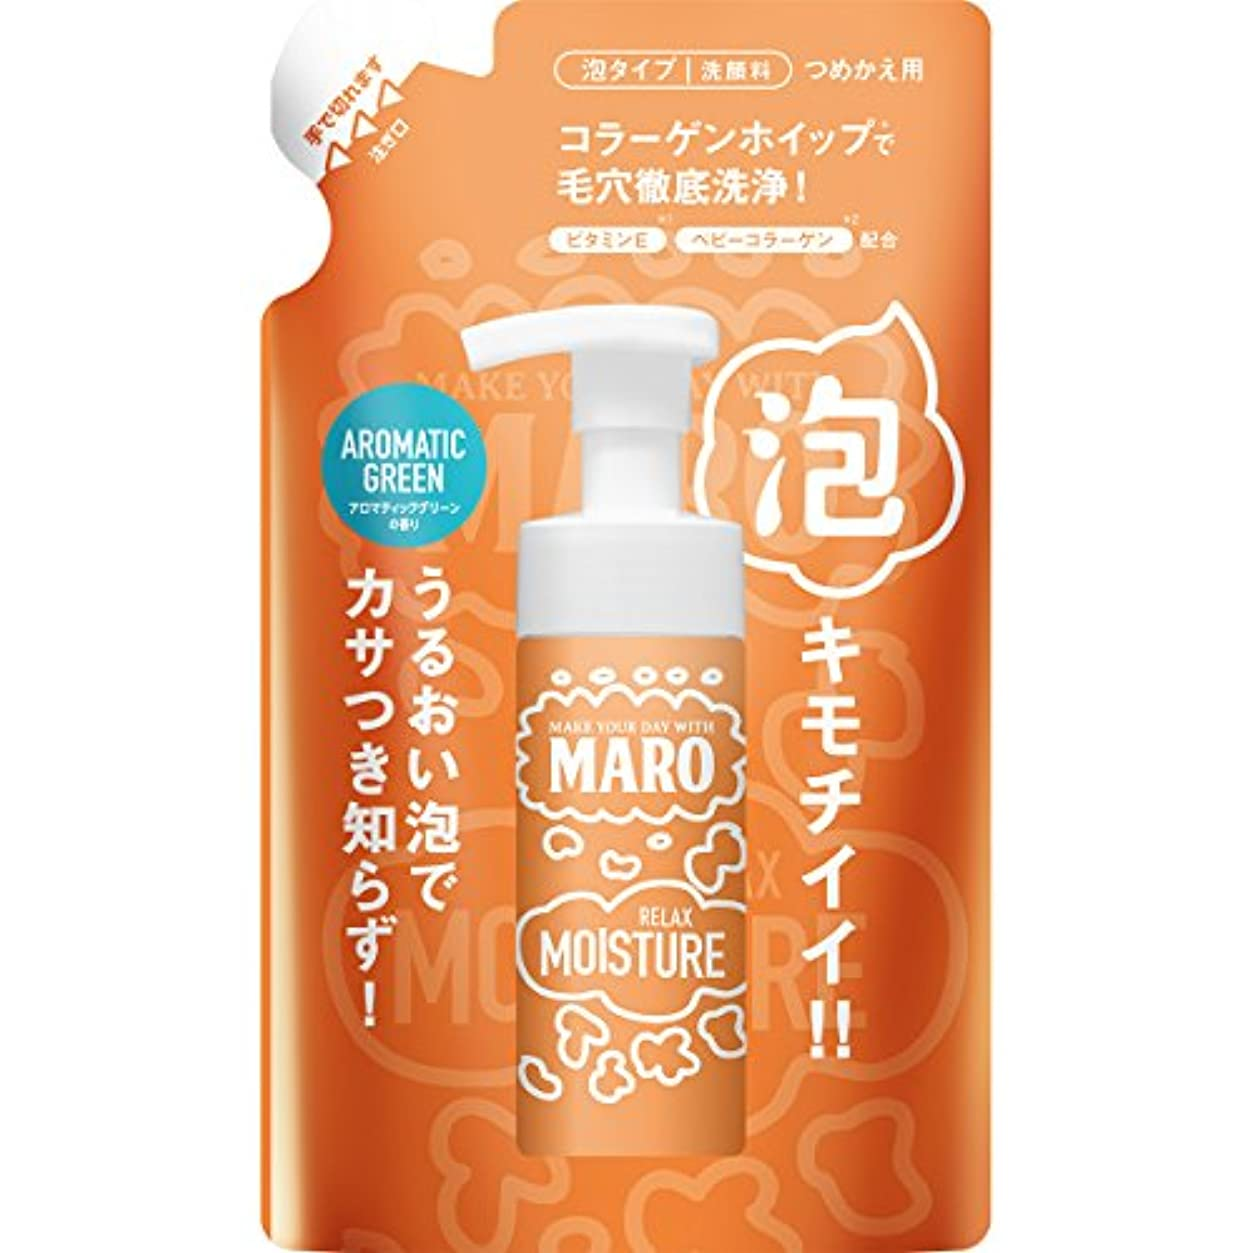 言うまでもなく苗支出MARO グルーヴィー 泡洗顔 詰め替え リラックスモイスチャー 130ml